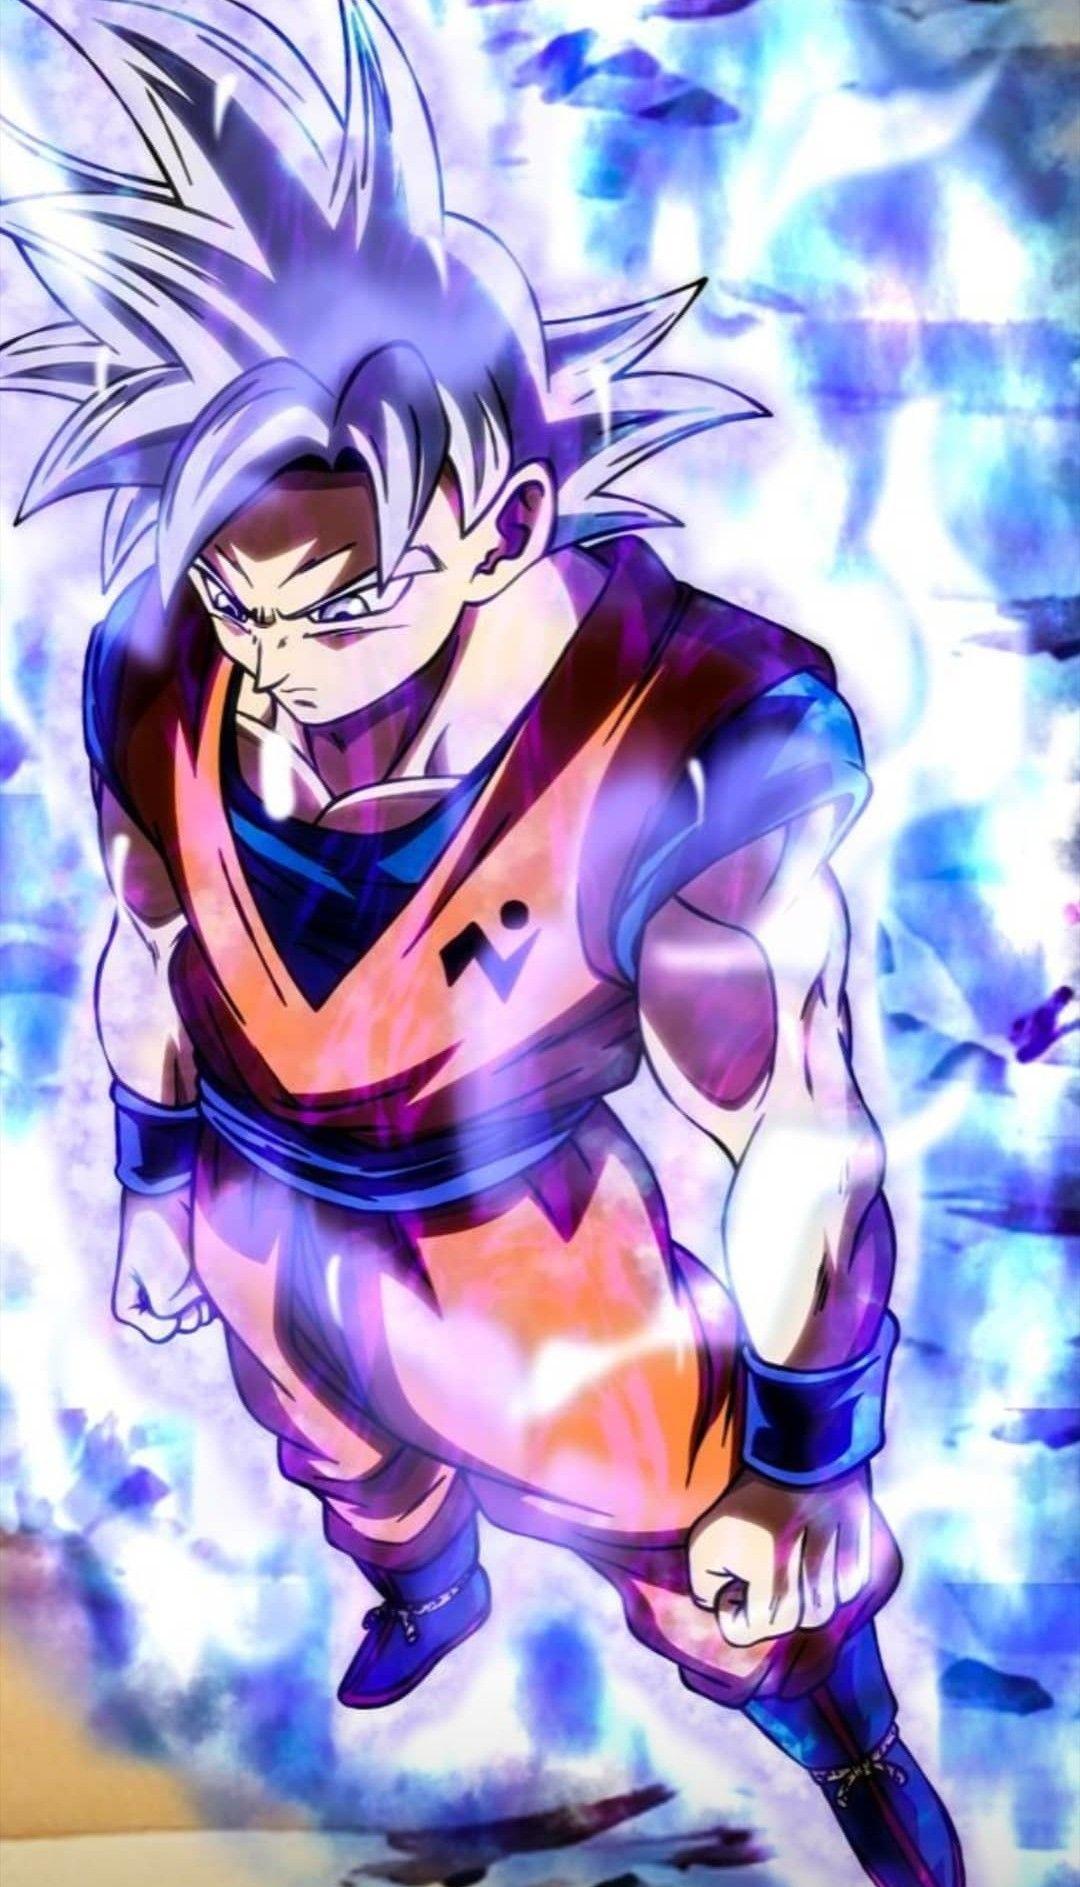 Songoku Mui Anime Dragon Ball Super Dragon Ball Super Manga Dragon Ball Artwork